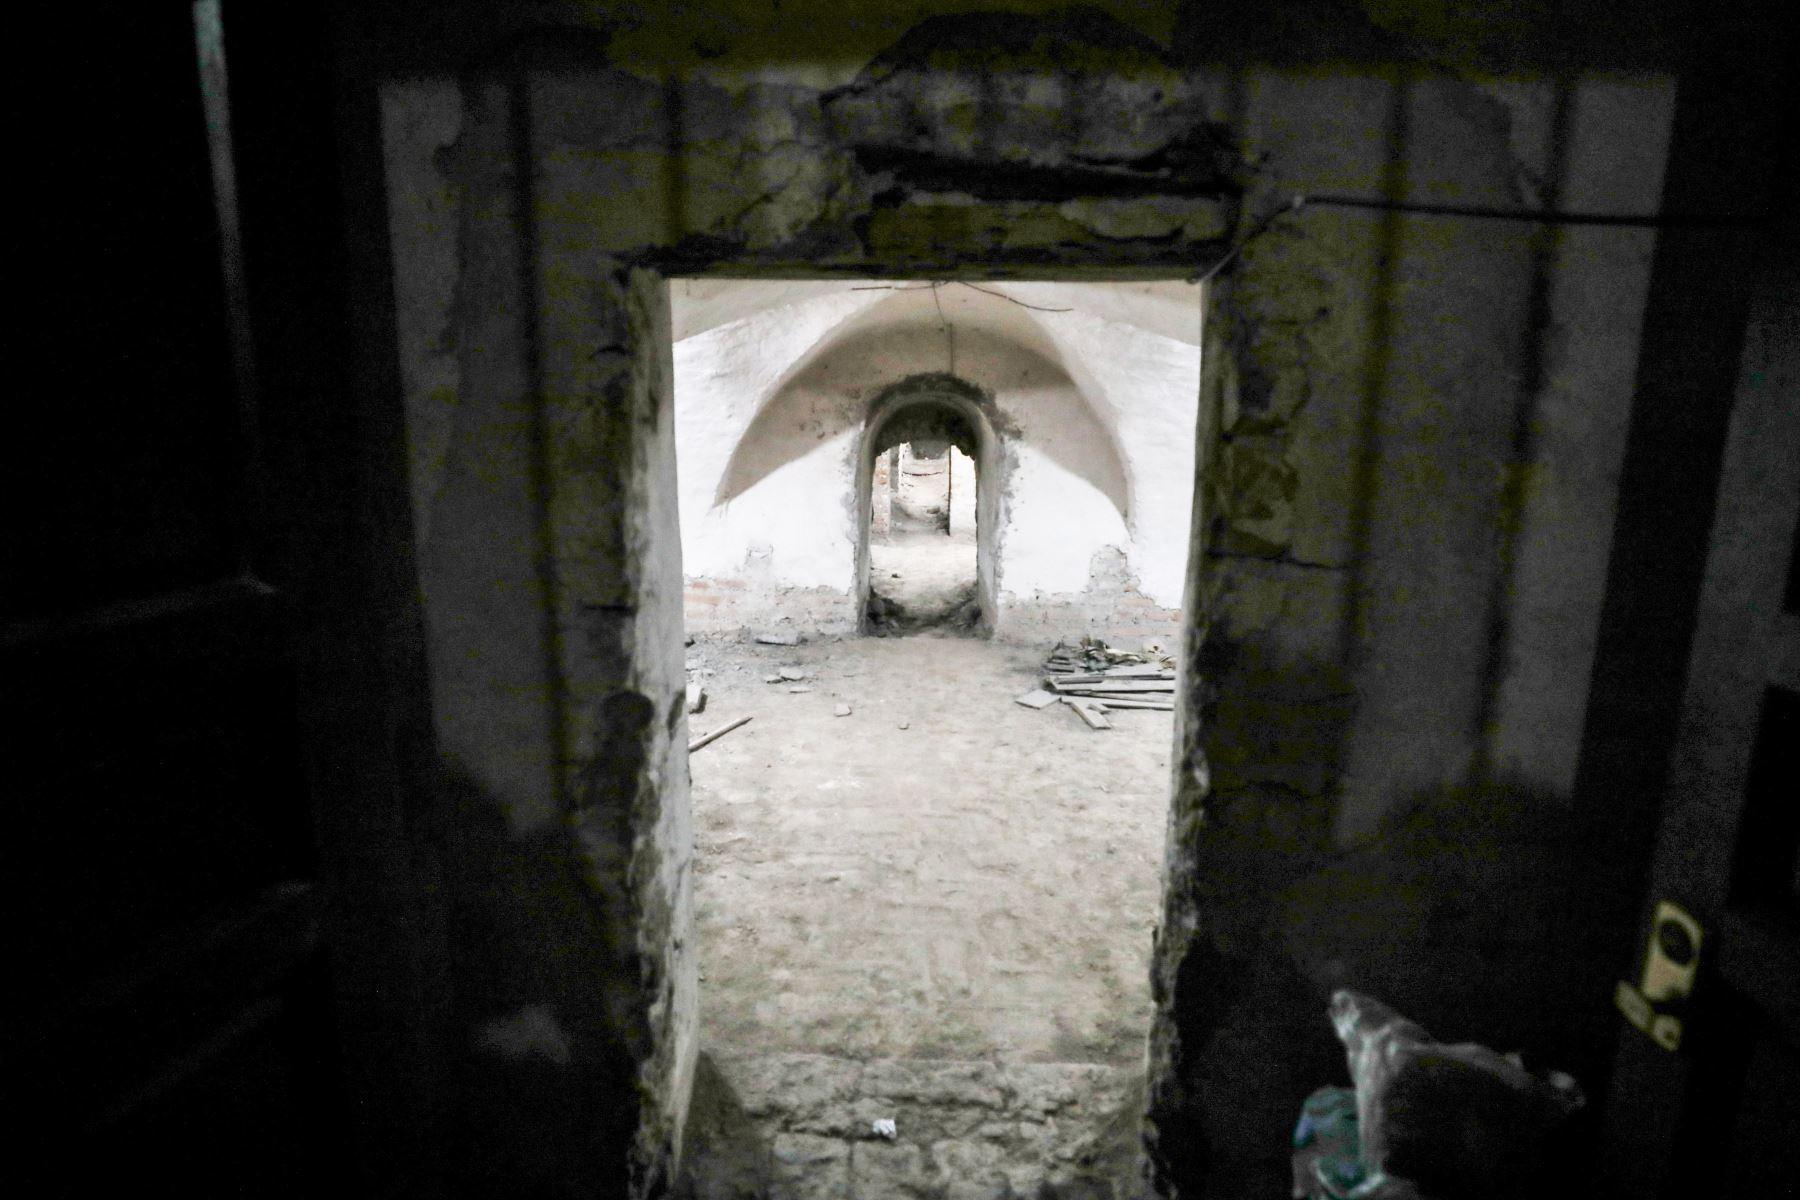 La Municipalidad de Lima halló, en la plazuela de San Francisco, restos de la primitiva capilla de La Soledad, una cripta subterránea, el piso original de cantos rodados de la plazuela y restos del antiguo muro pretil o cerco perimétrico que rodeaba el convento. Foto: ANDINA/Municipalidad de Lima